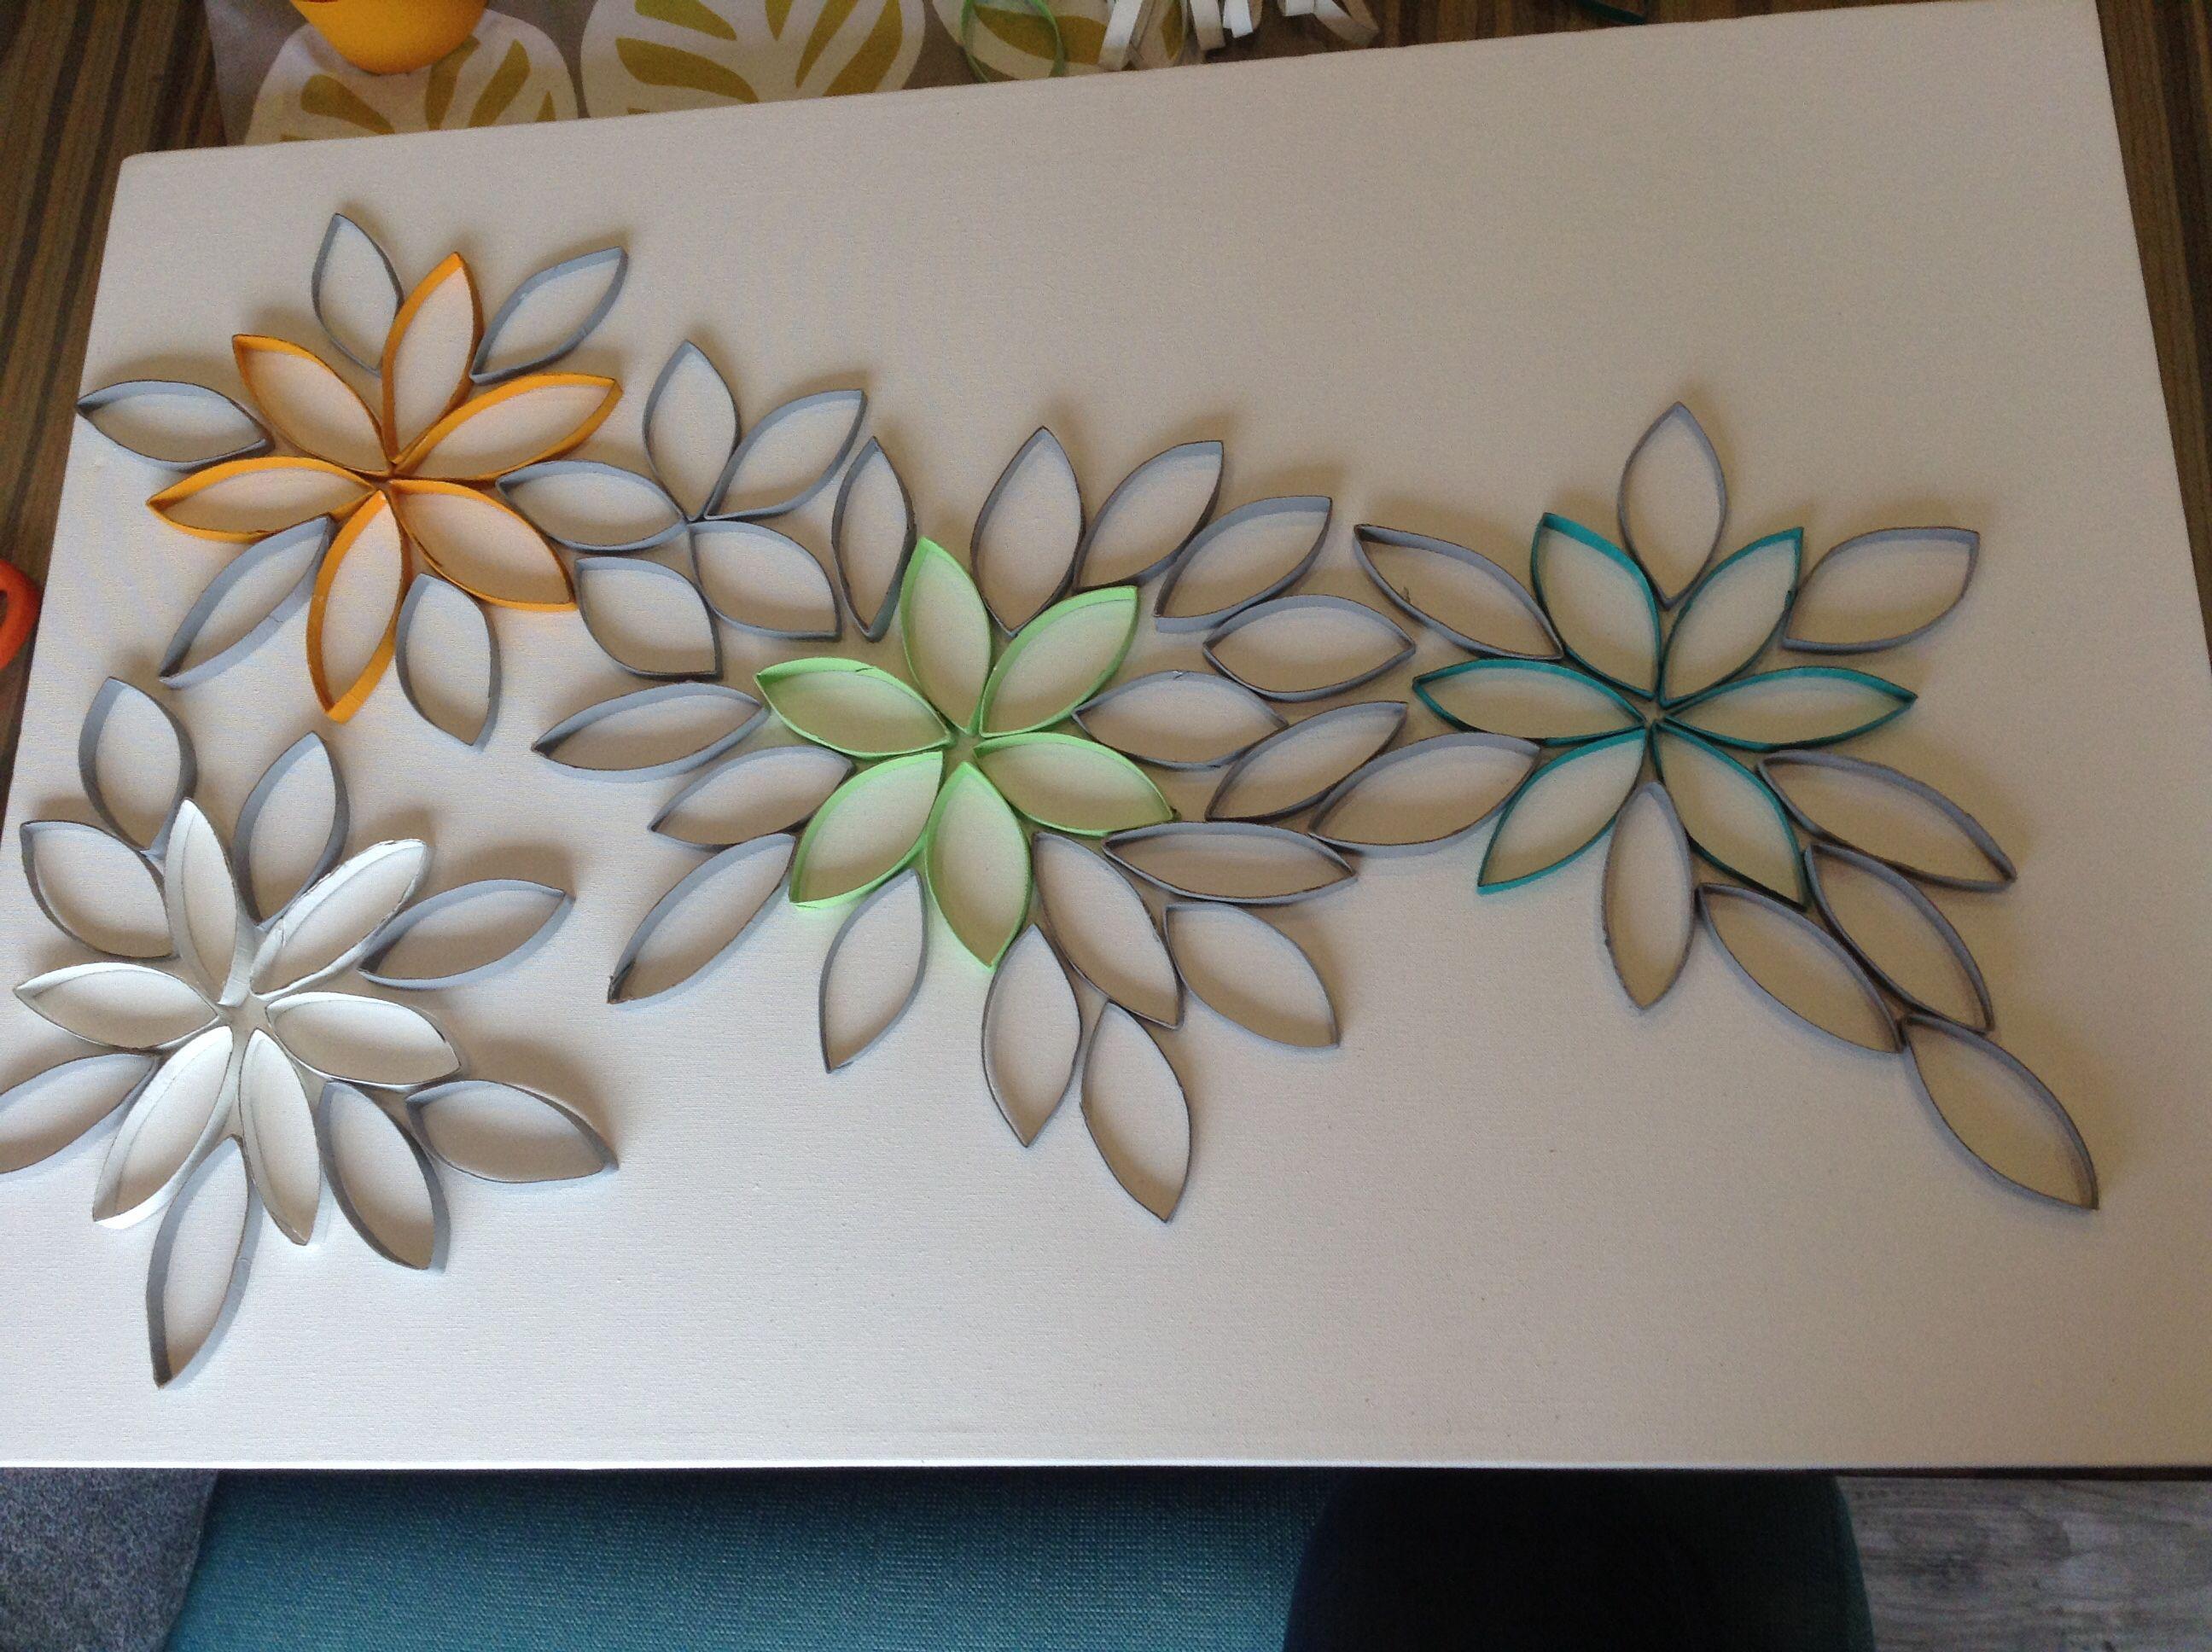 Rollos de papel higi nico cuadro cuadros pinterest - Manualidades con rollos de papel ...